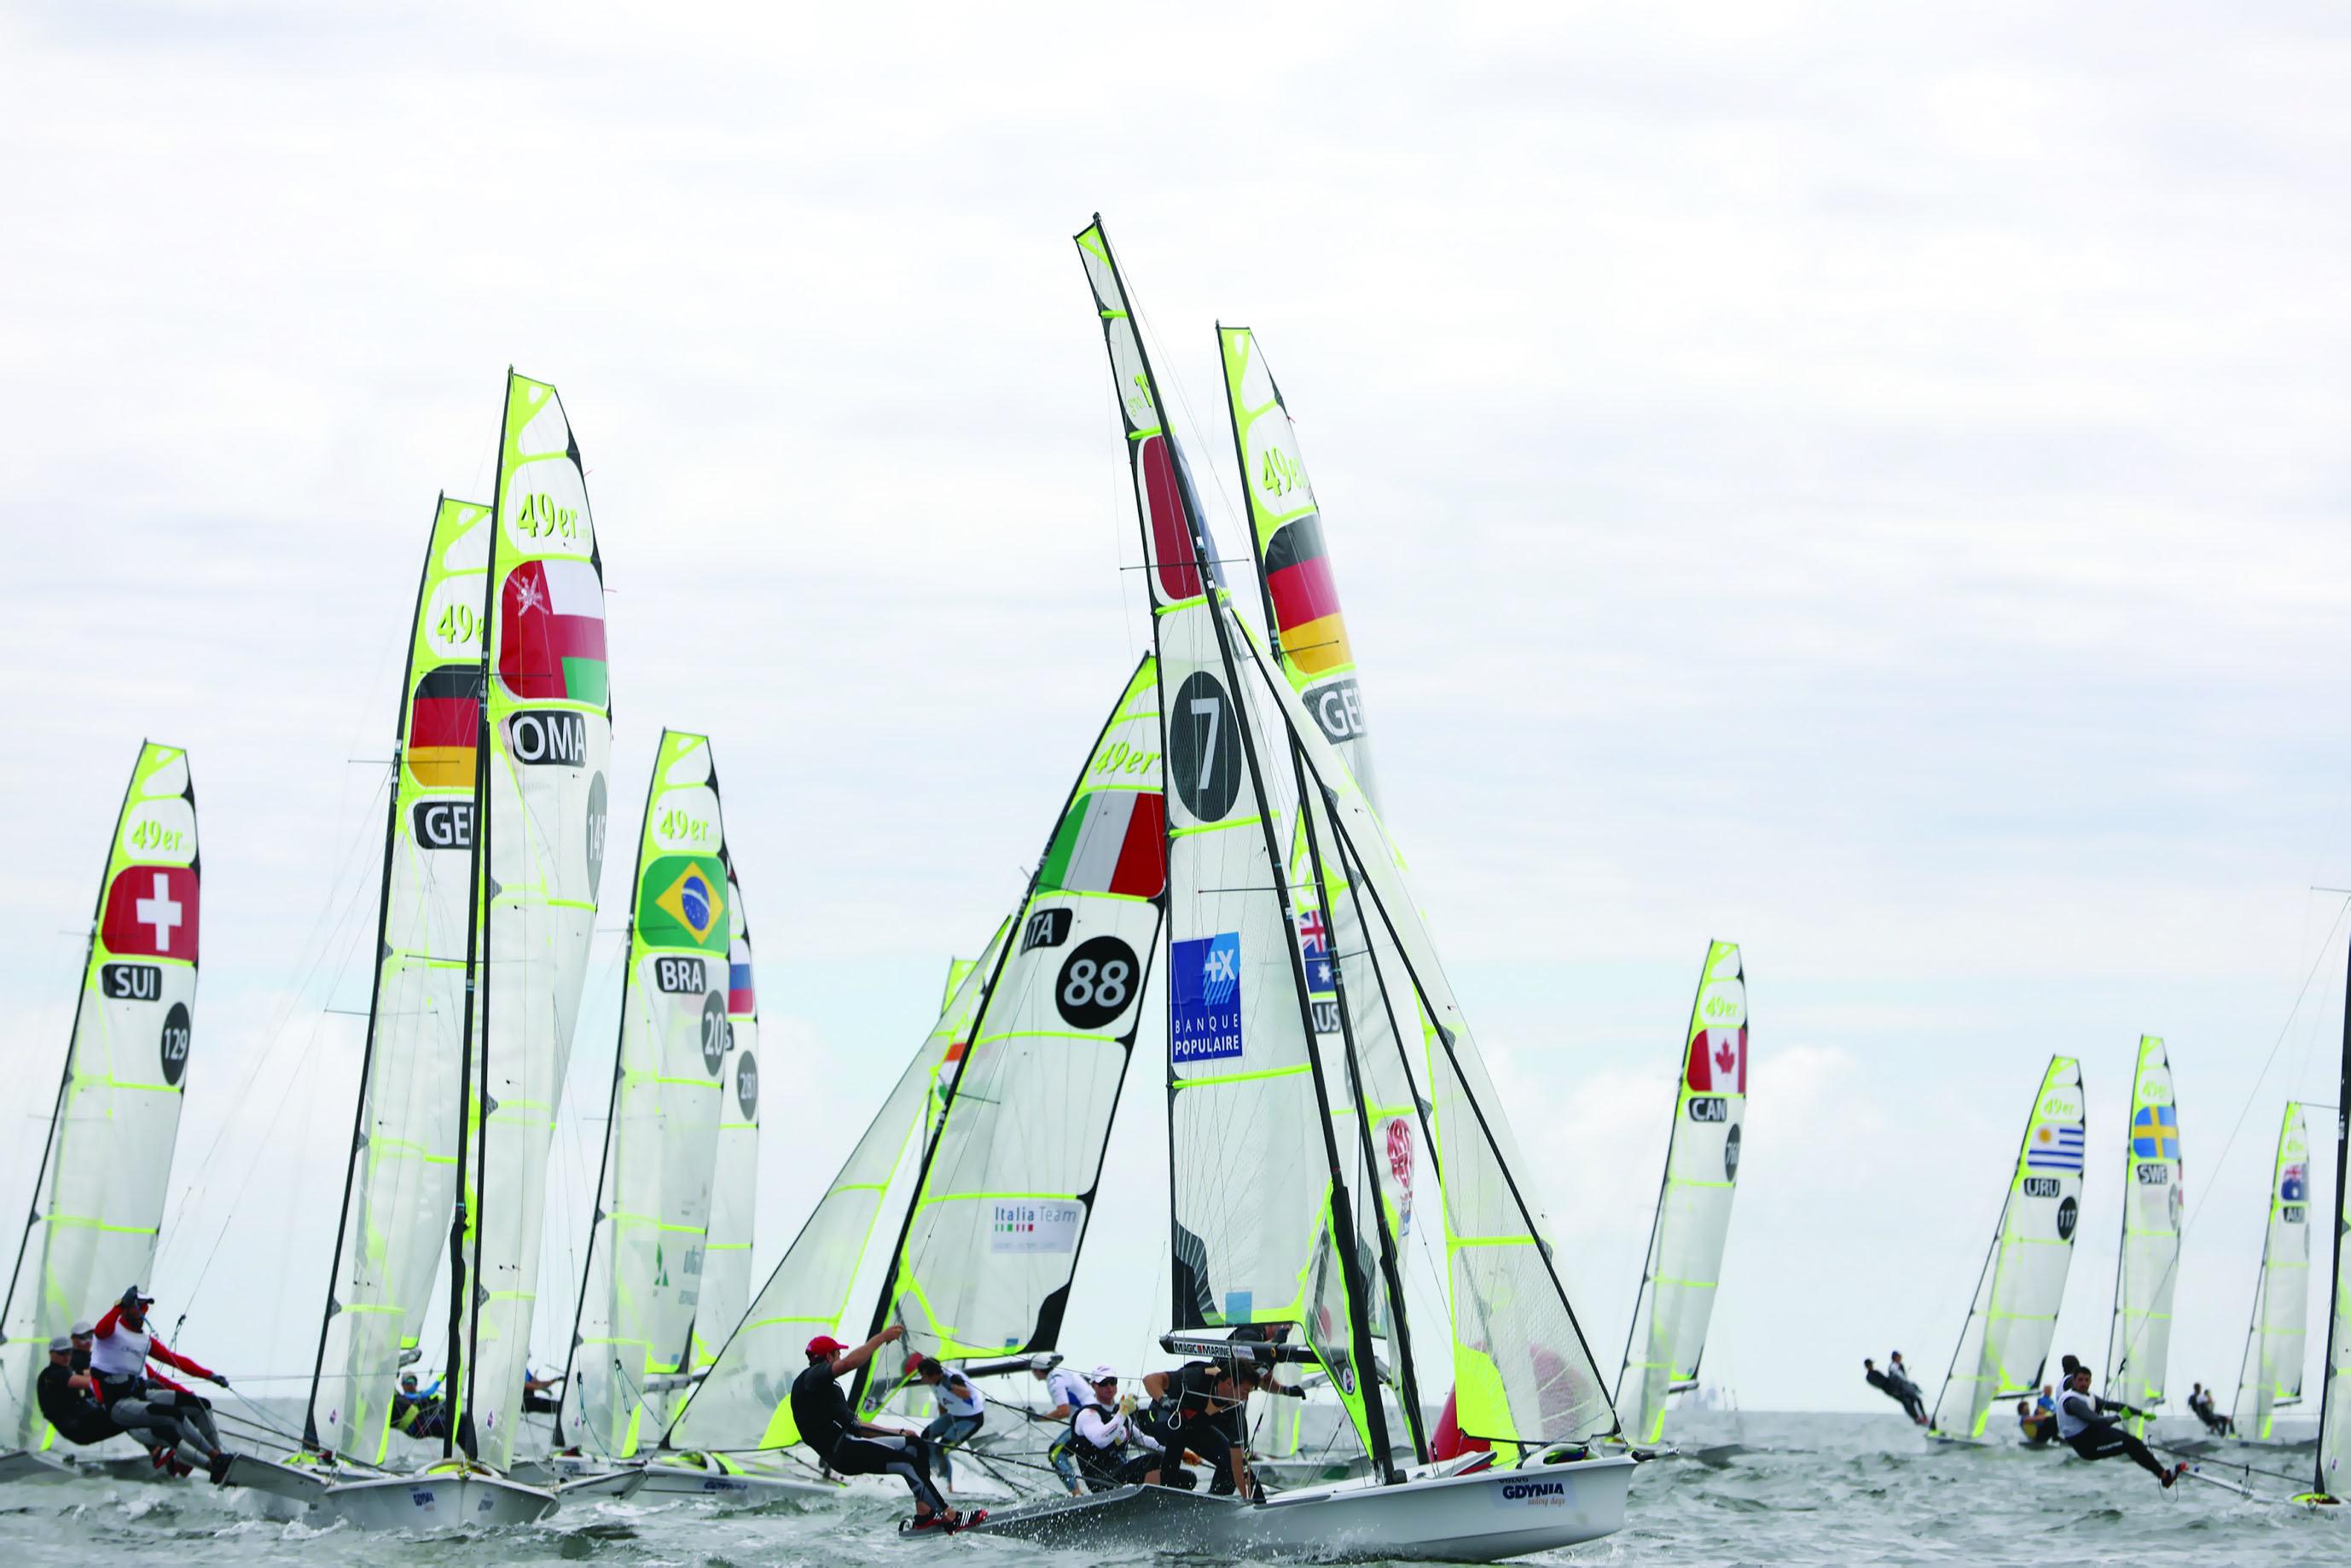 فريق عُمان للإبحار لقوارب 49 يقدّم مستوياتوأداءً عالياً خلال منافسات البطولة الأوروبية